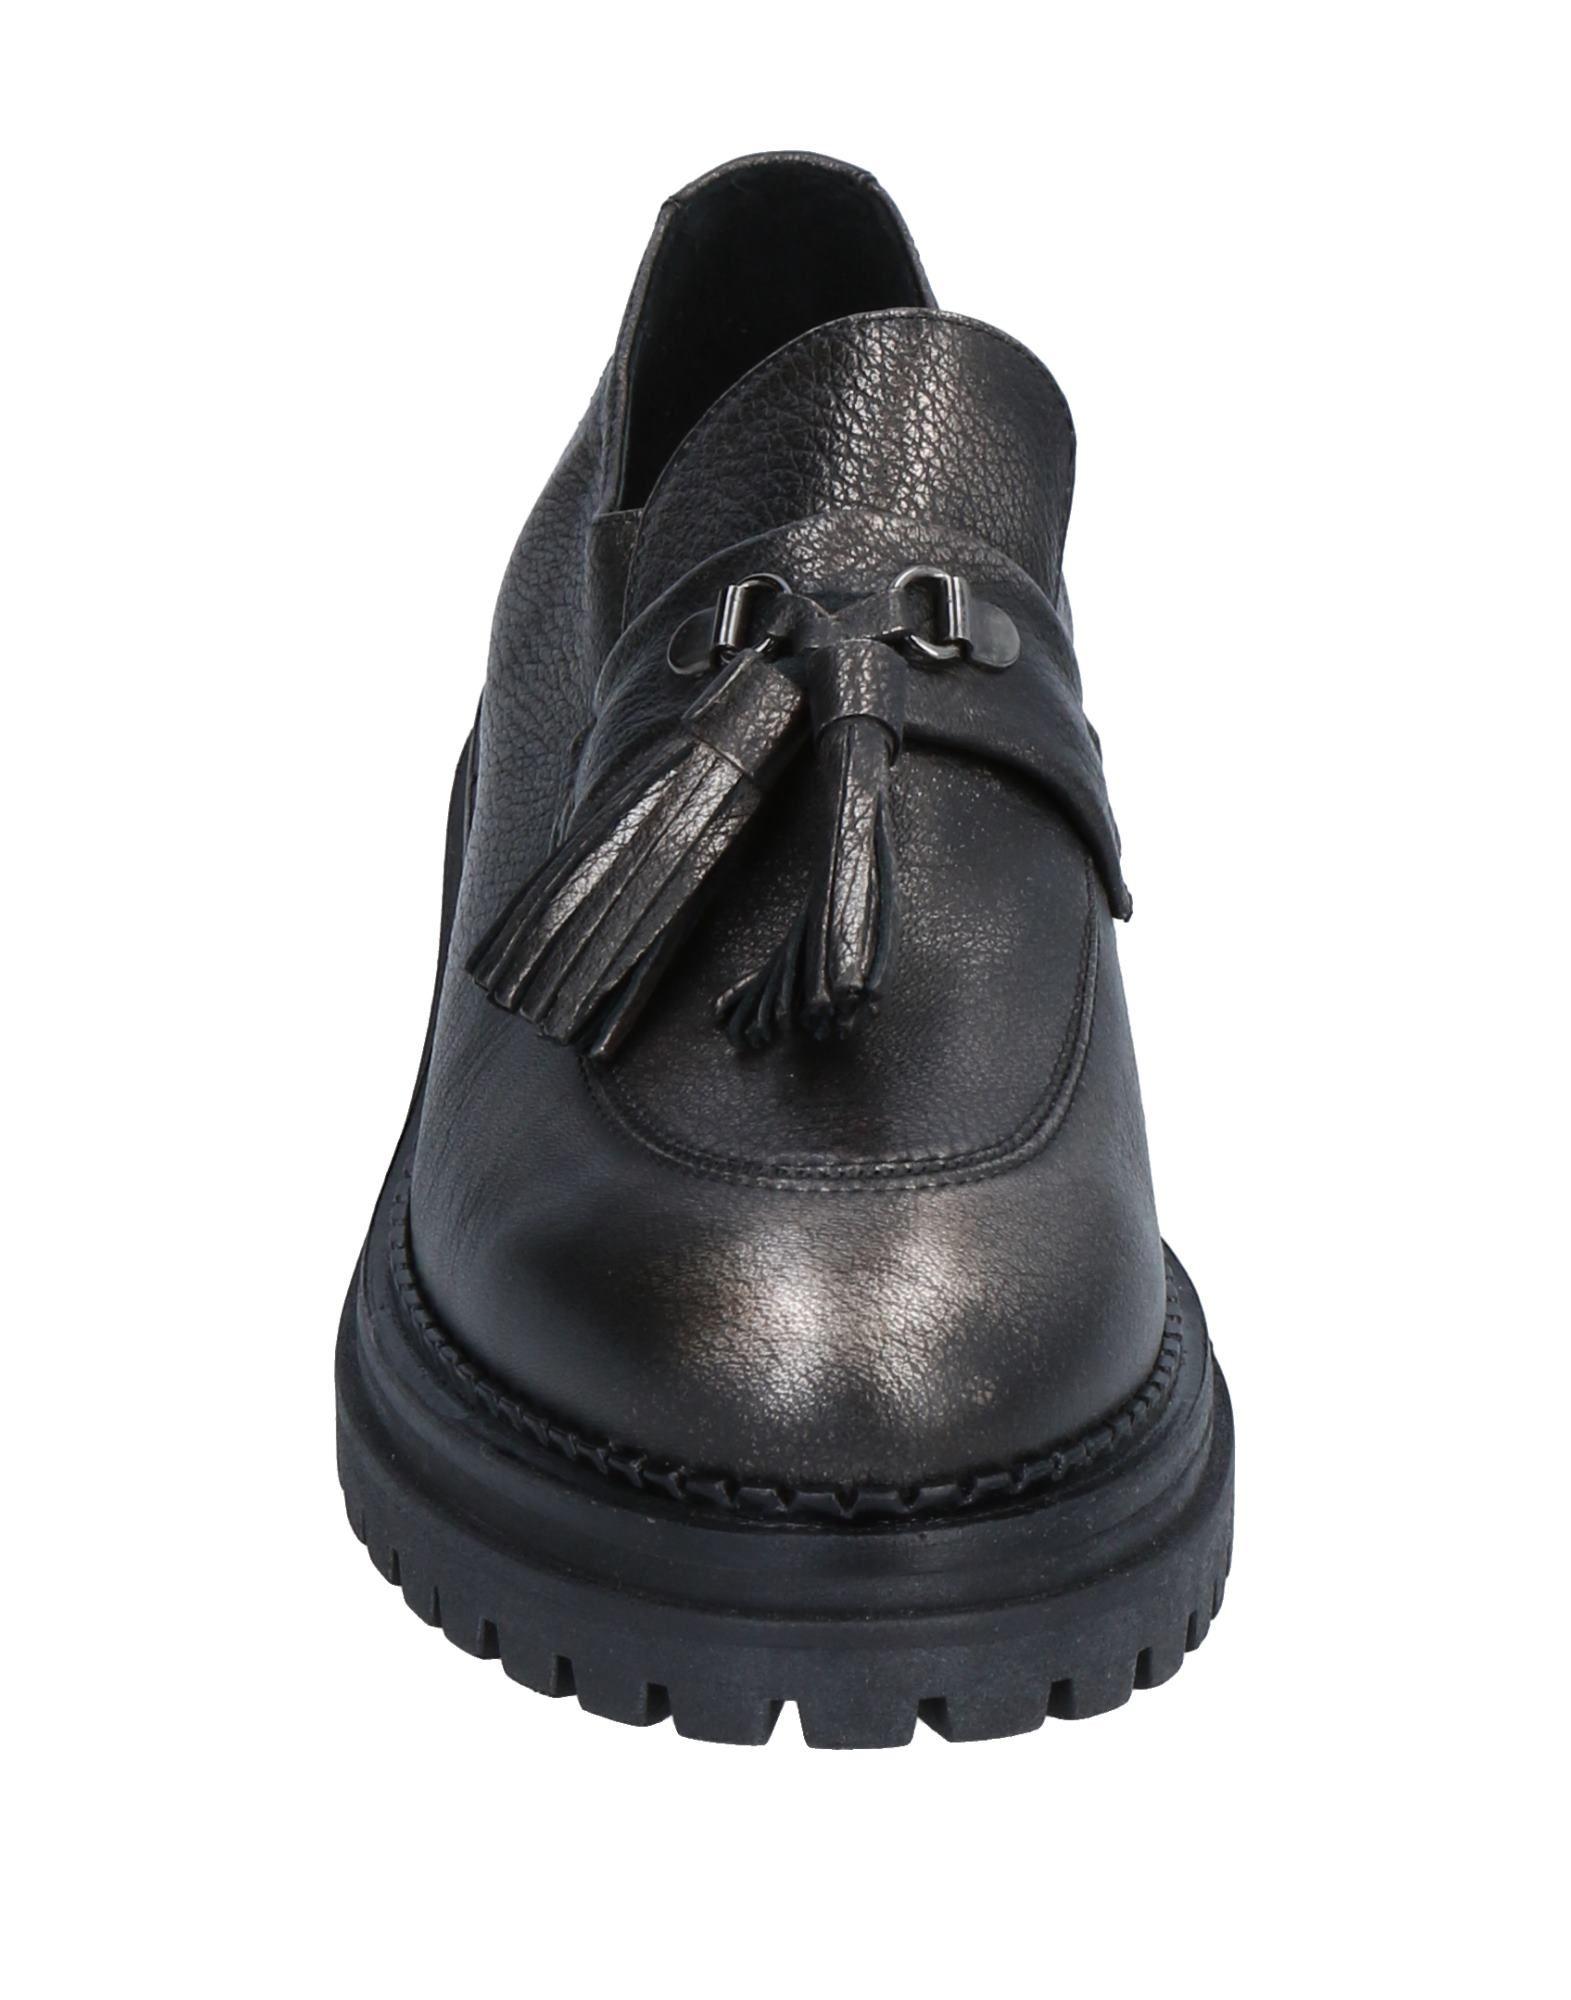 Cardiff Mokassins Gute Damen  11516282FI Gute Mokassins Qualität beliebte Schuhe a1a69d